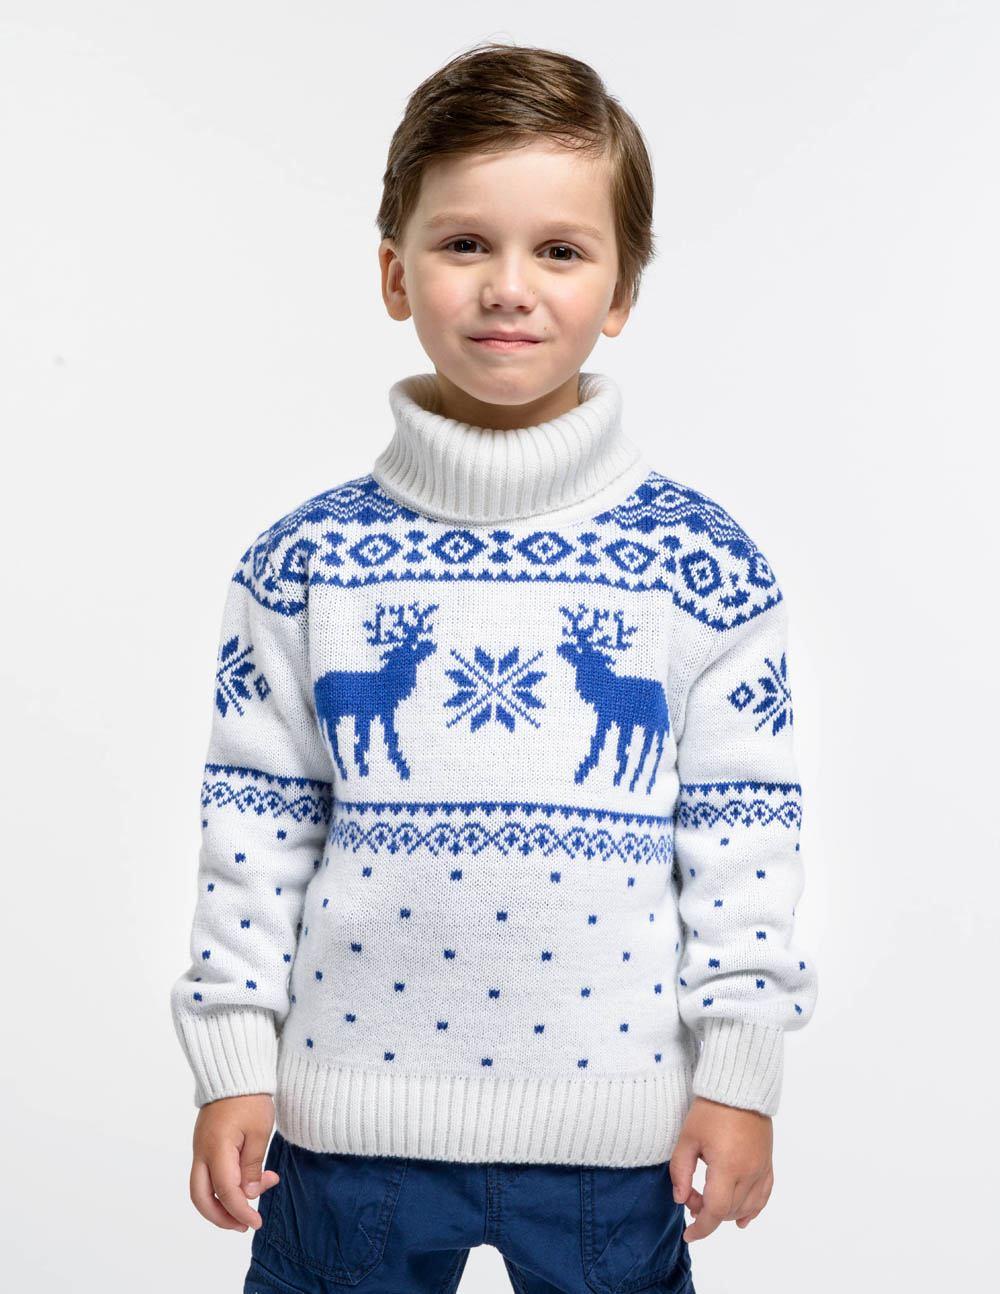 мальчик в белом свитере с синим рисунком